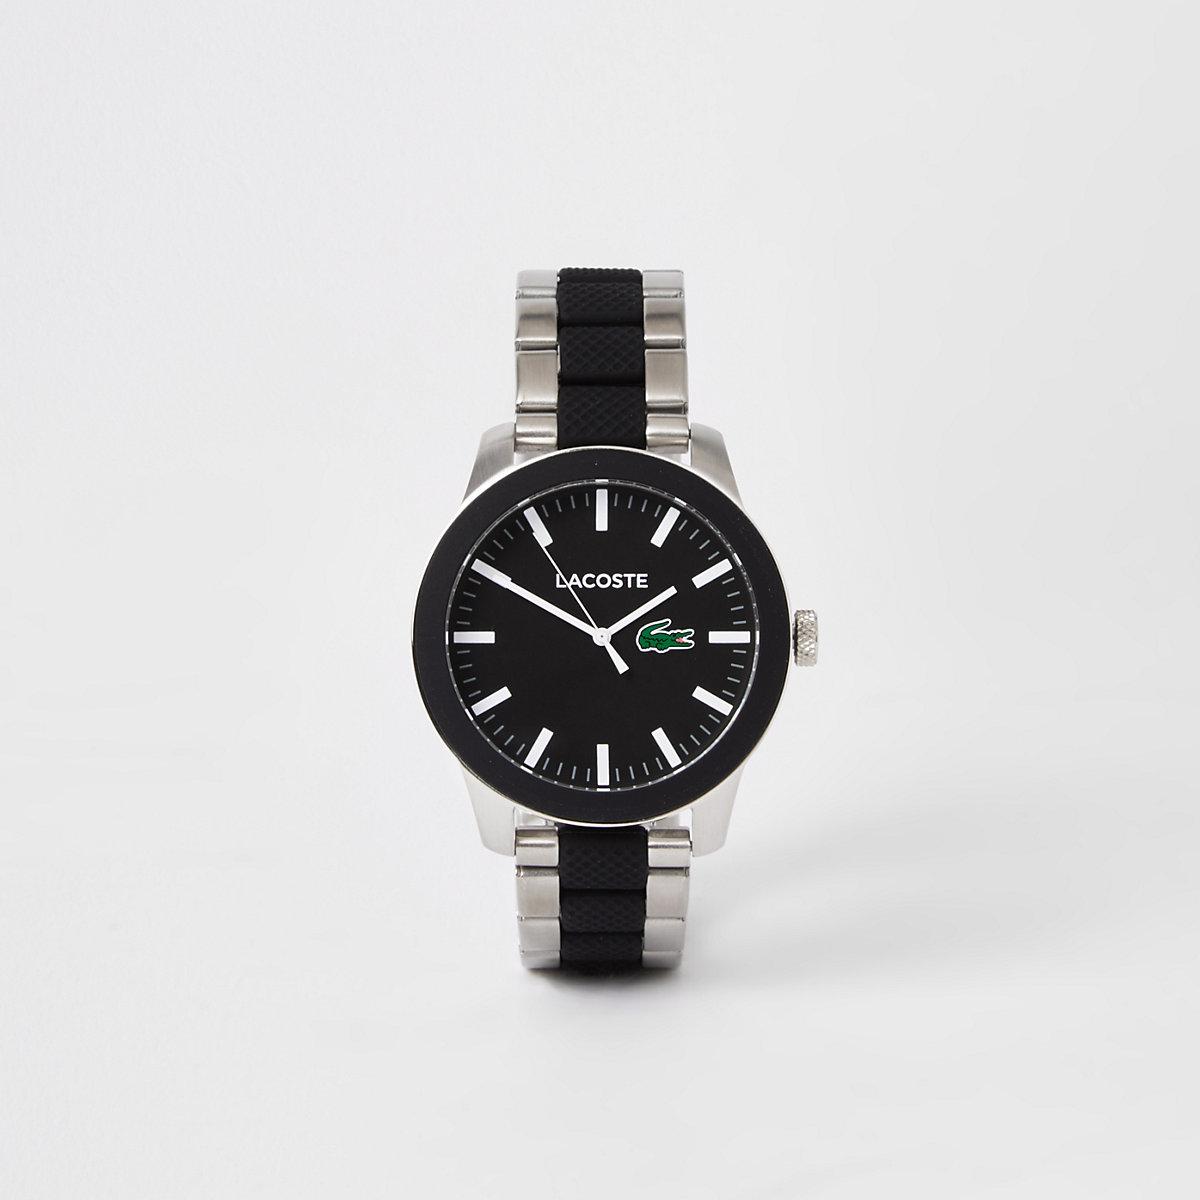 Lacoste grey 12.12 bi-material bracelet watch